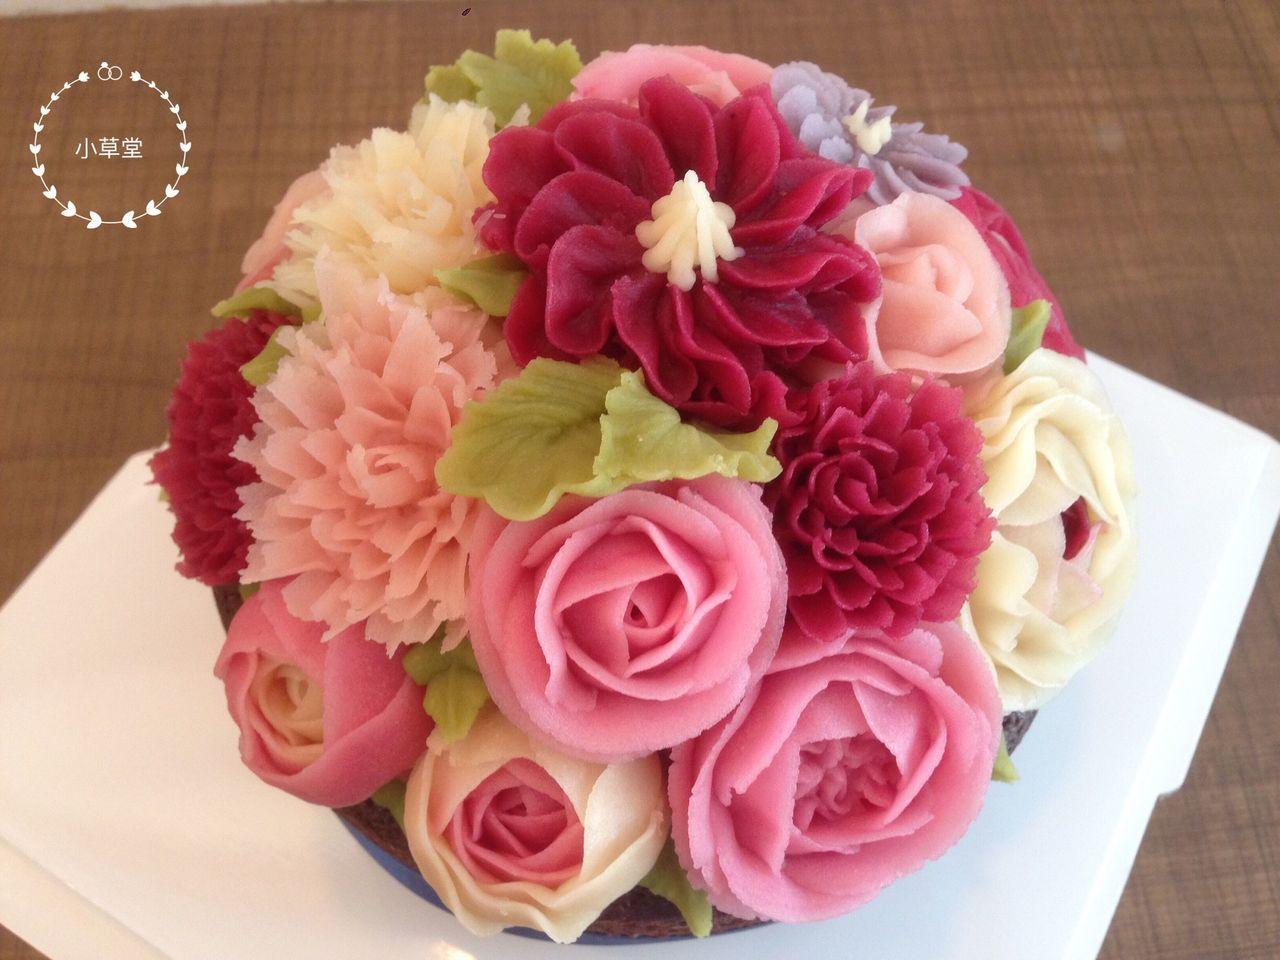 小草堂「凡爾賽玫瑰豆乳霜擠花蛋糕」。圖/遠東百貨提供